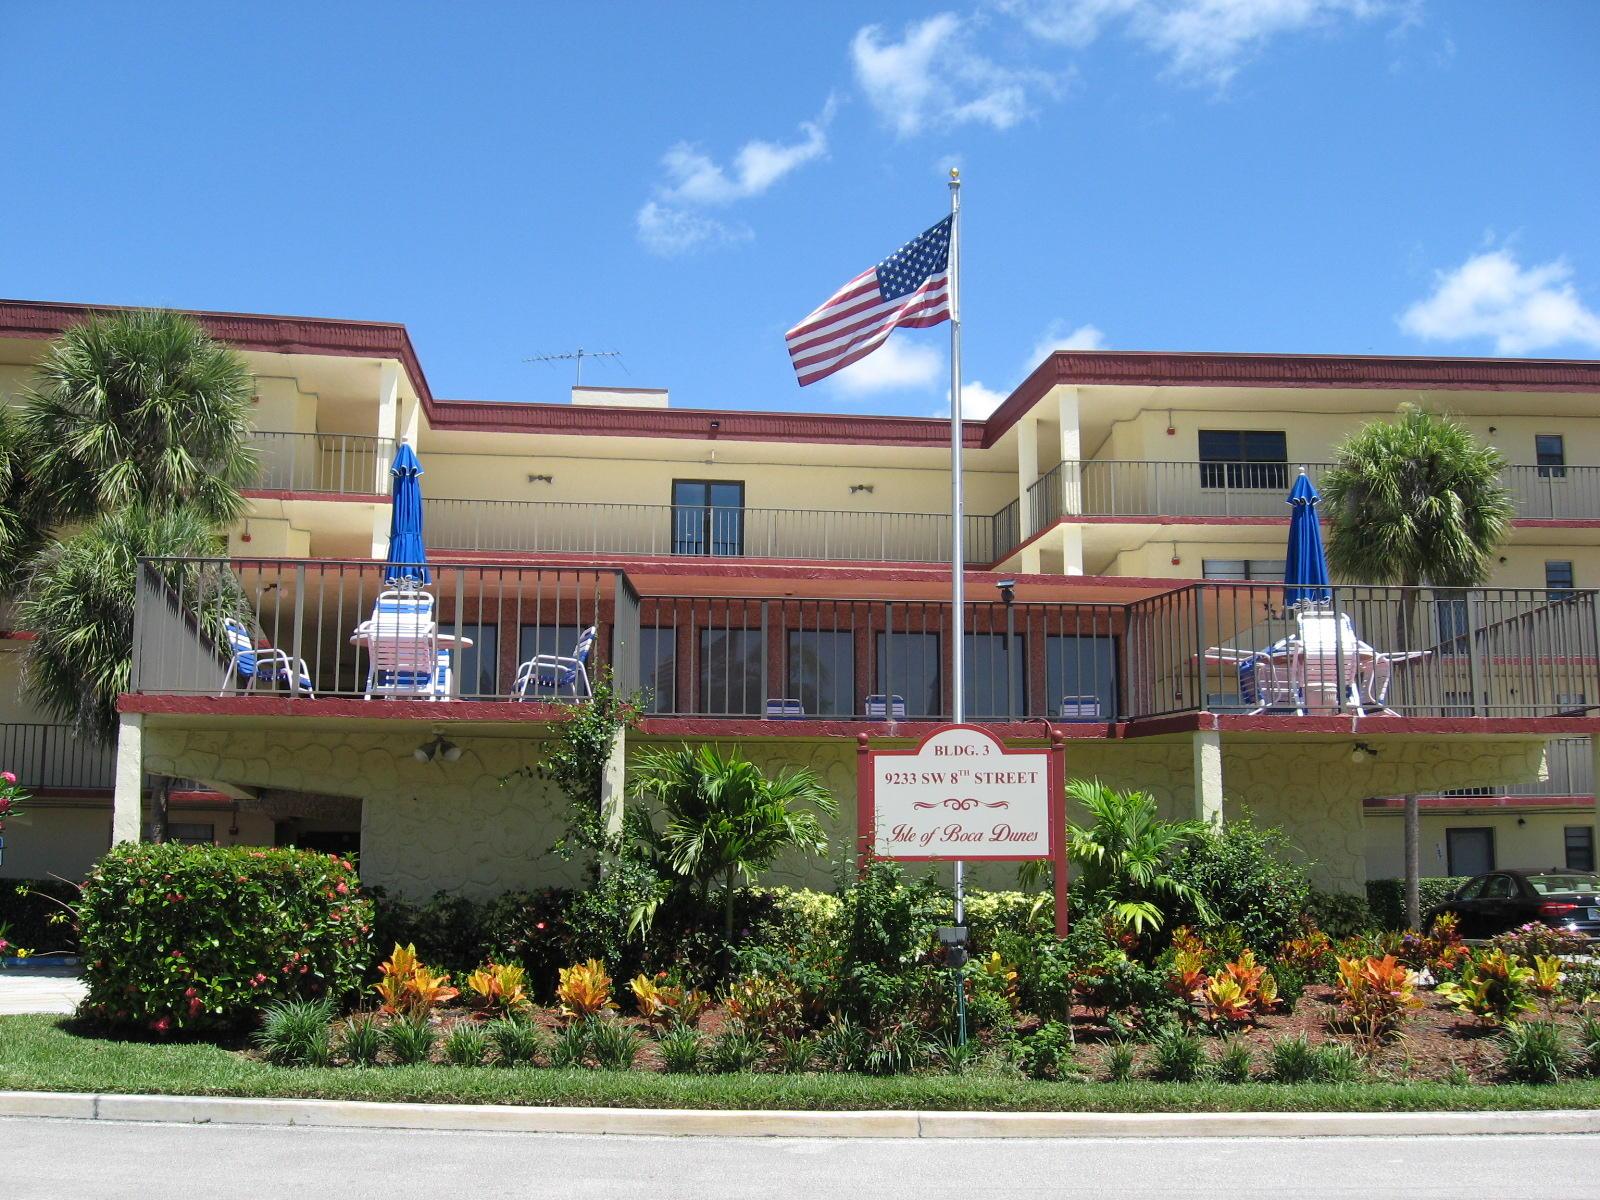 9233 Sw 8th Street, Boca Raton, FL 33428